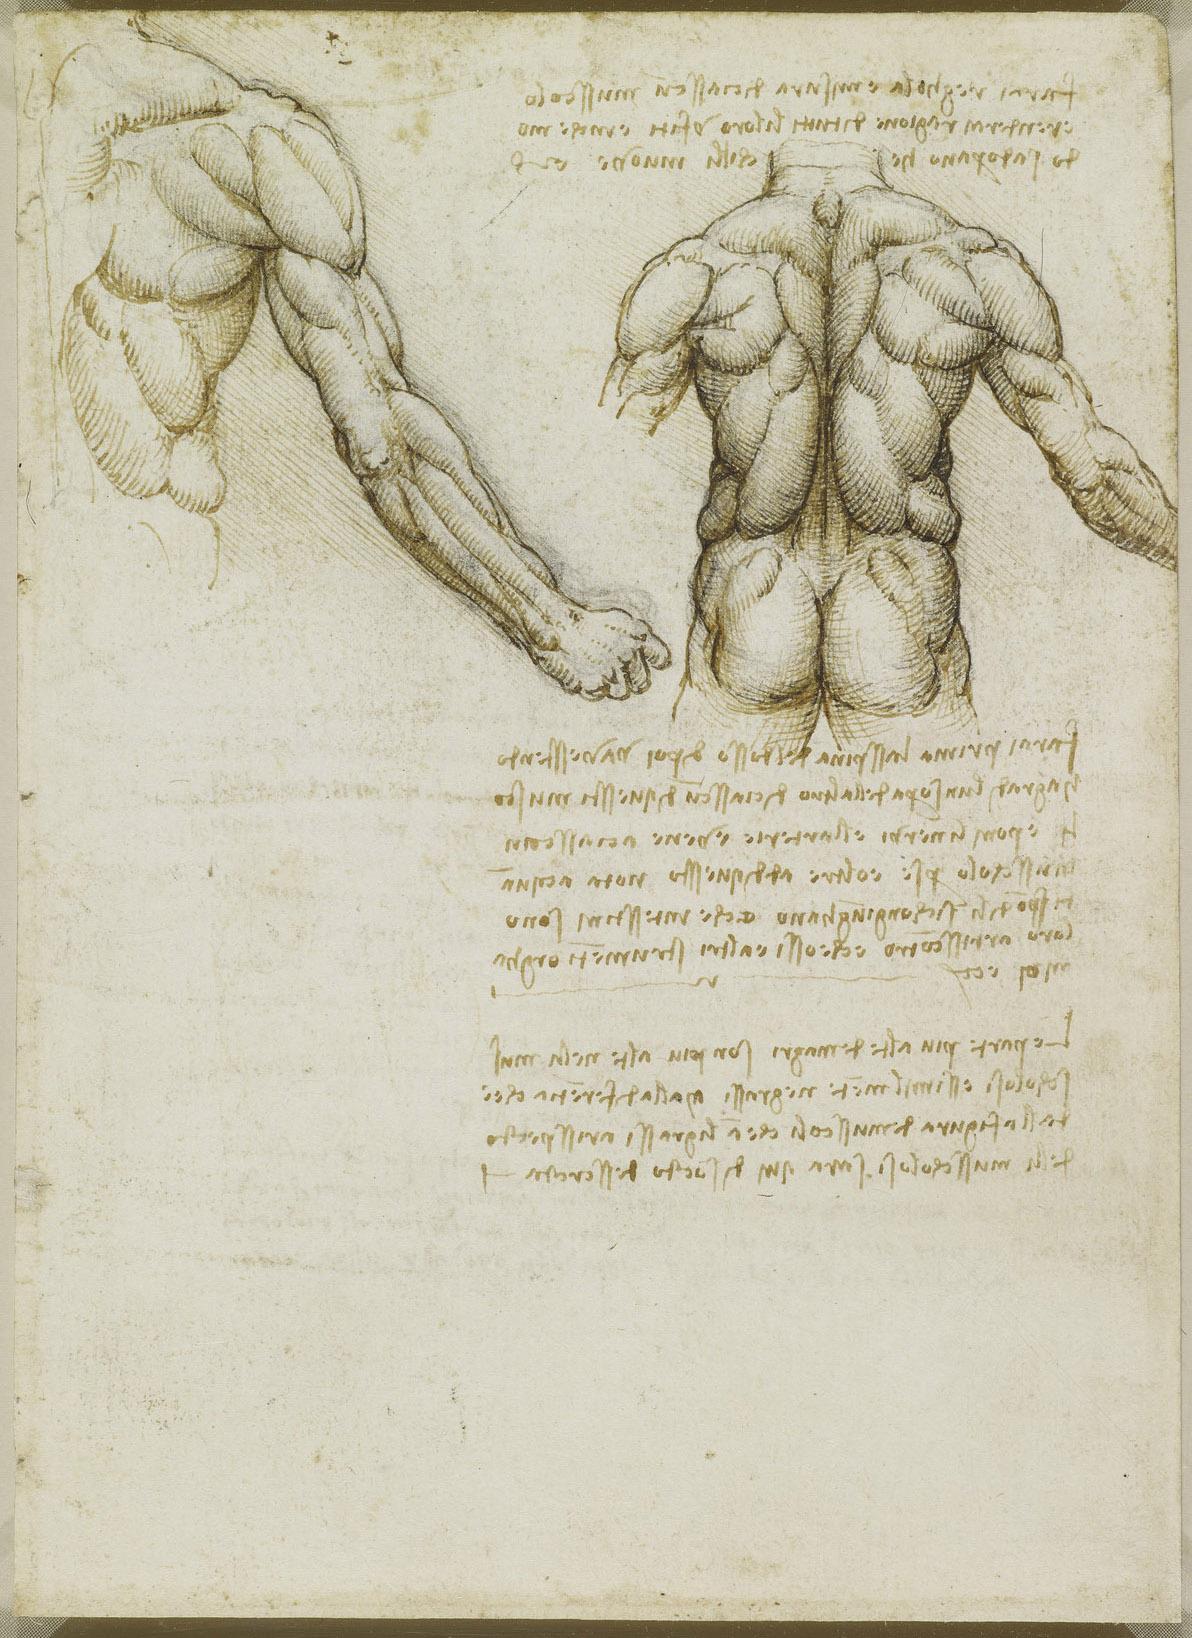 Pdf vinci leonardo da anatomy